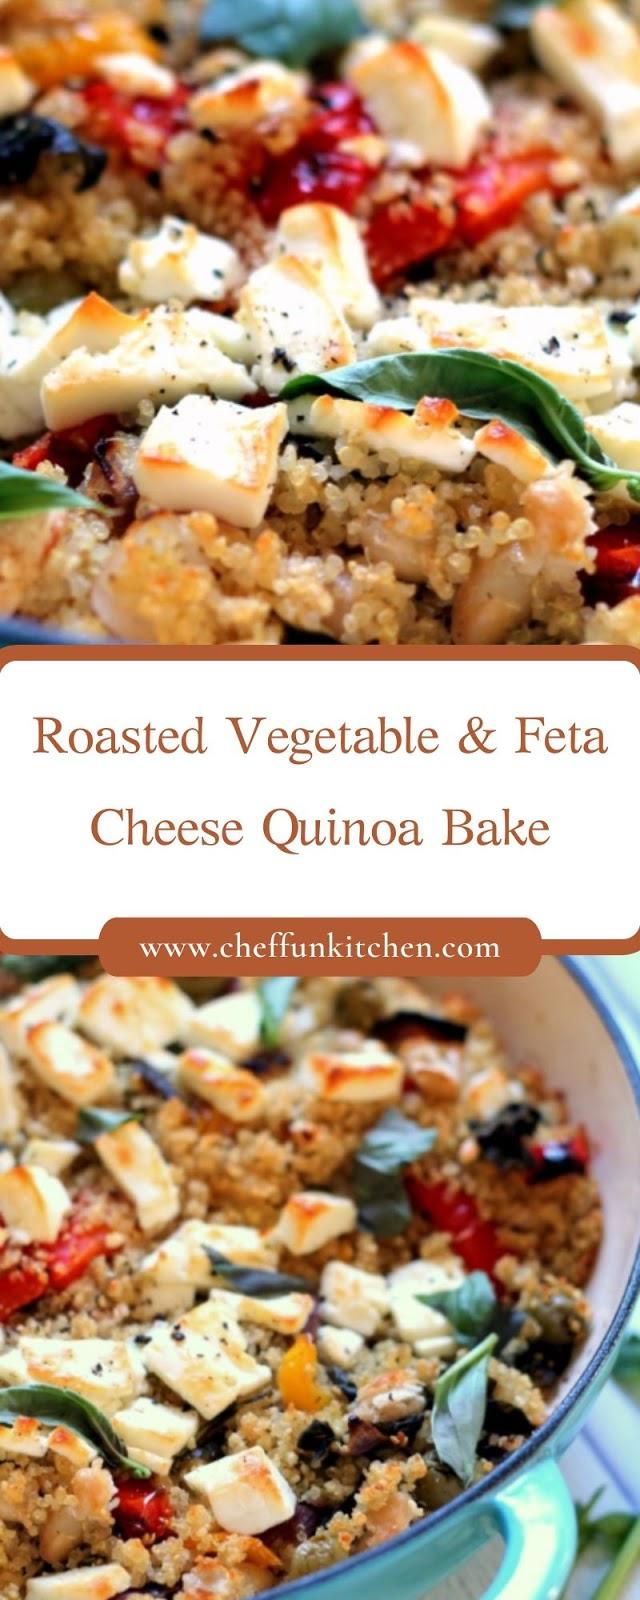 Roasted Vegetable & Feta Cheese Quinoa Bake